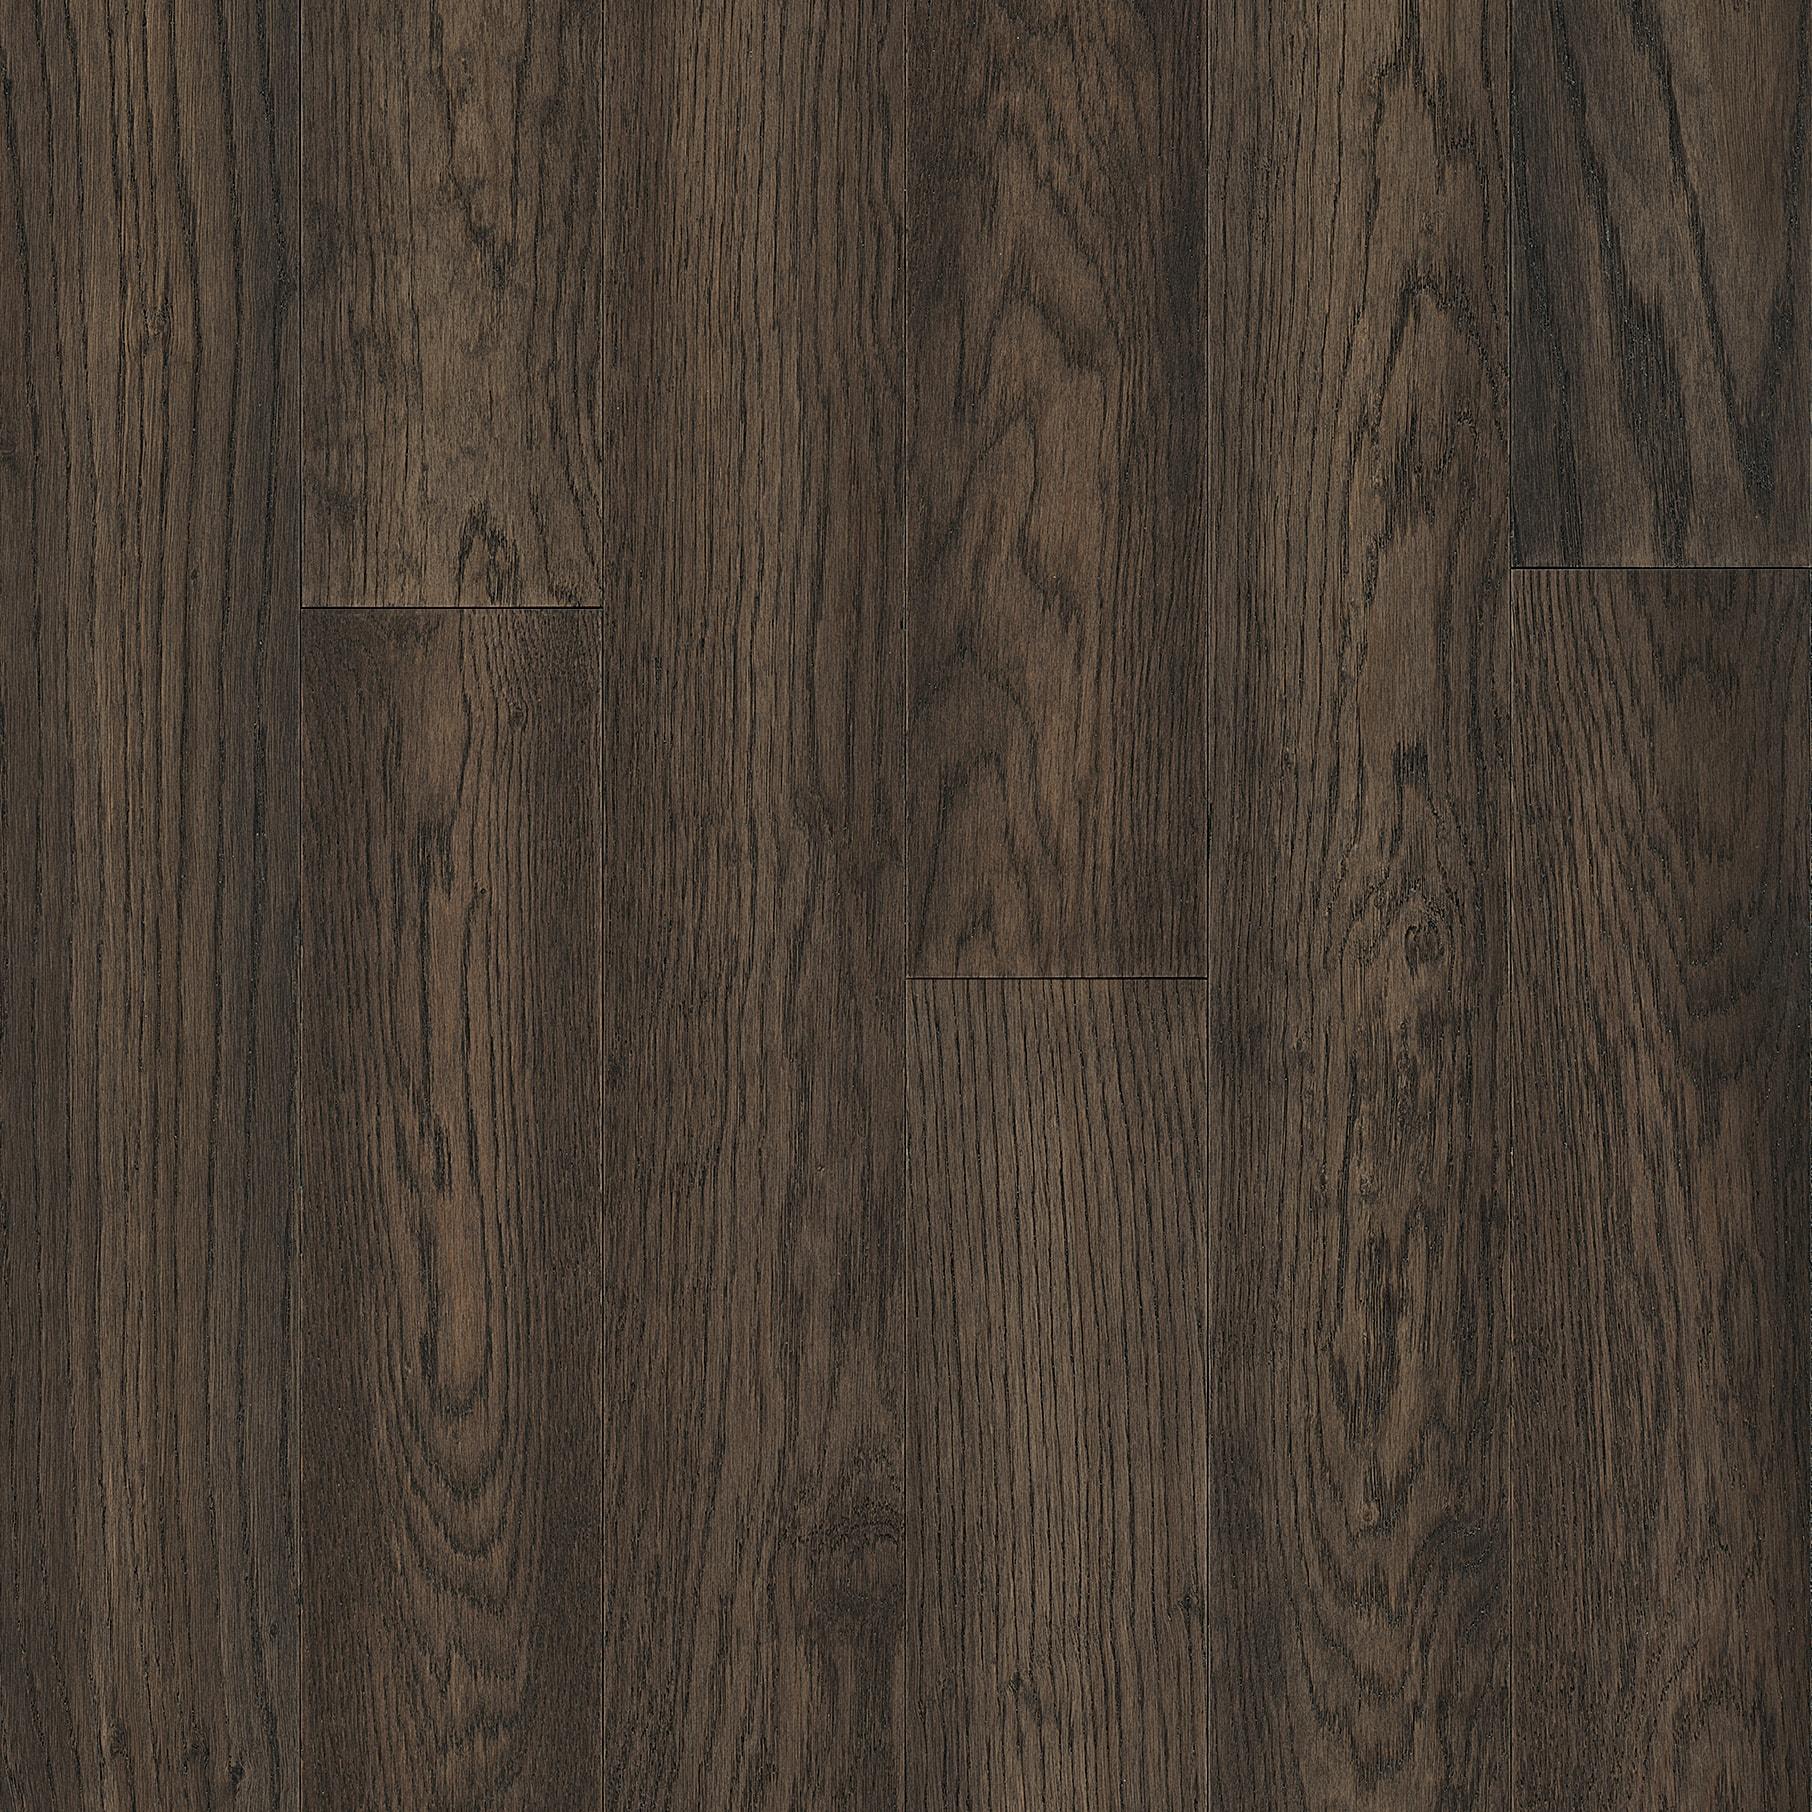 Dark brown hardwood floor